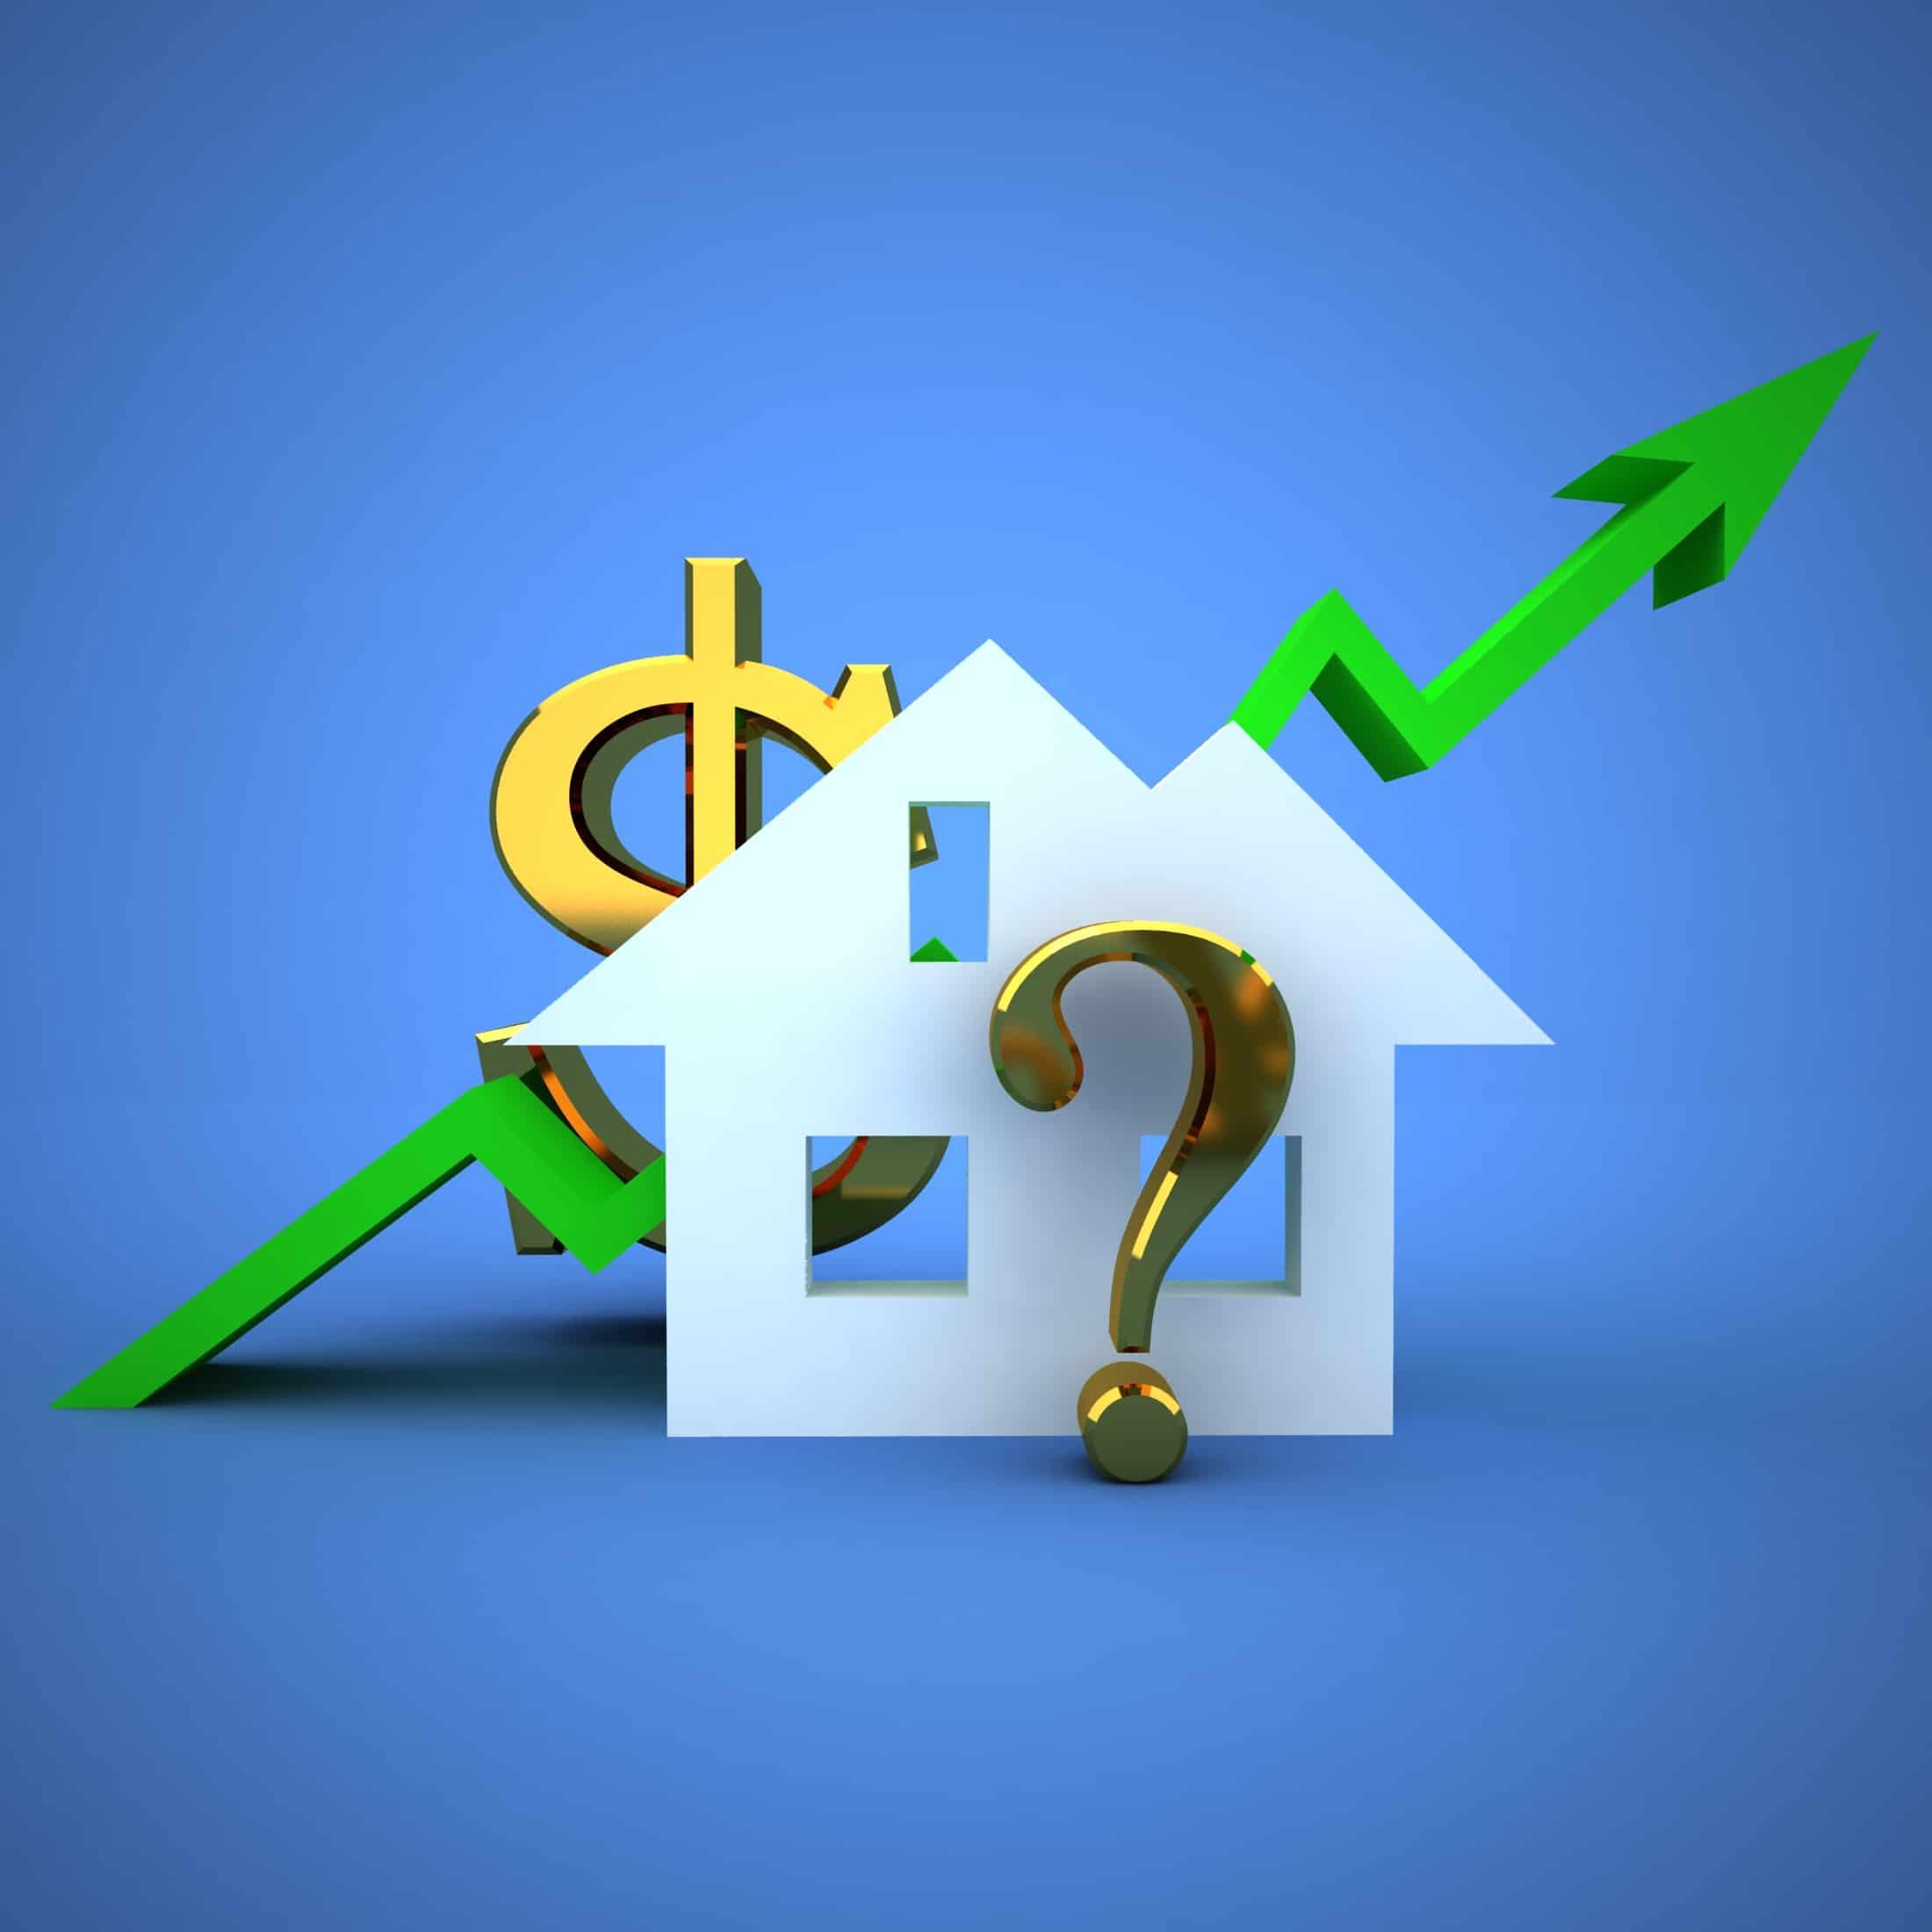 Inmobiliarias online - compra y venta de pisos, casas para vacaciones, chalets, locales..